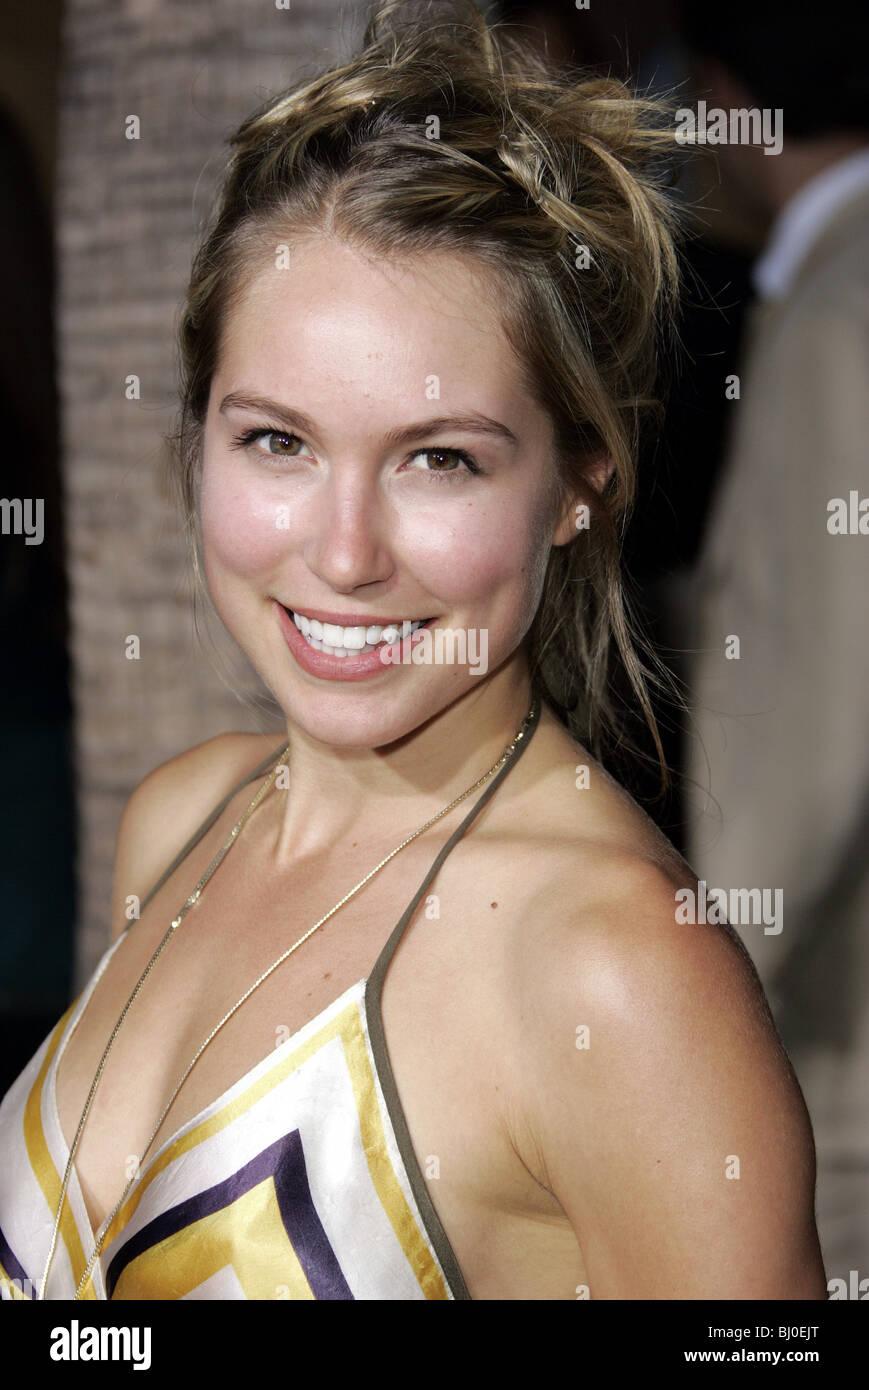 Sarah Carter Nude Photos 48